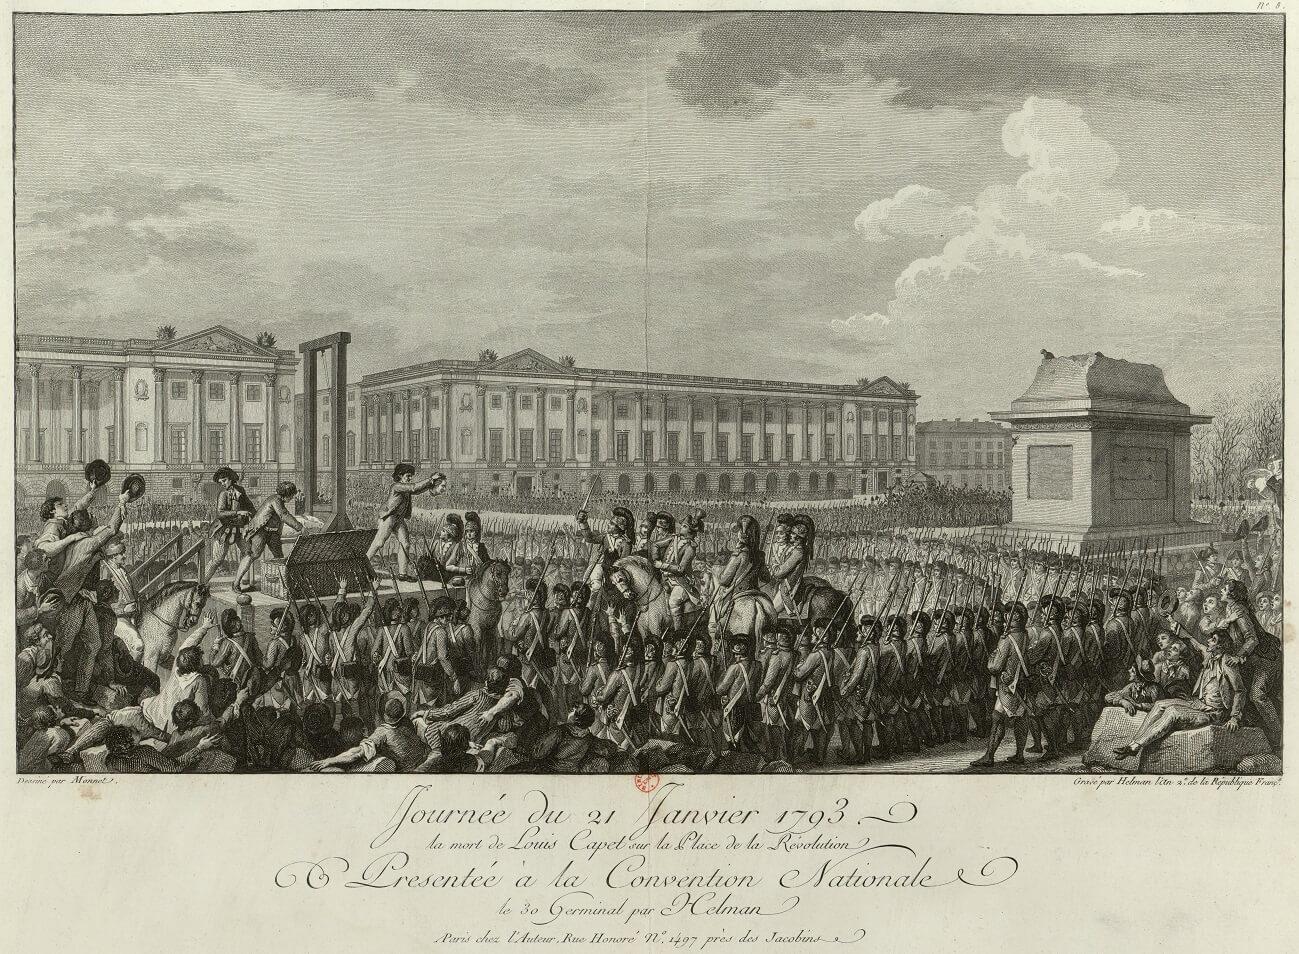 革命 ギロチン フランス